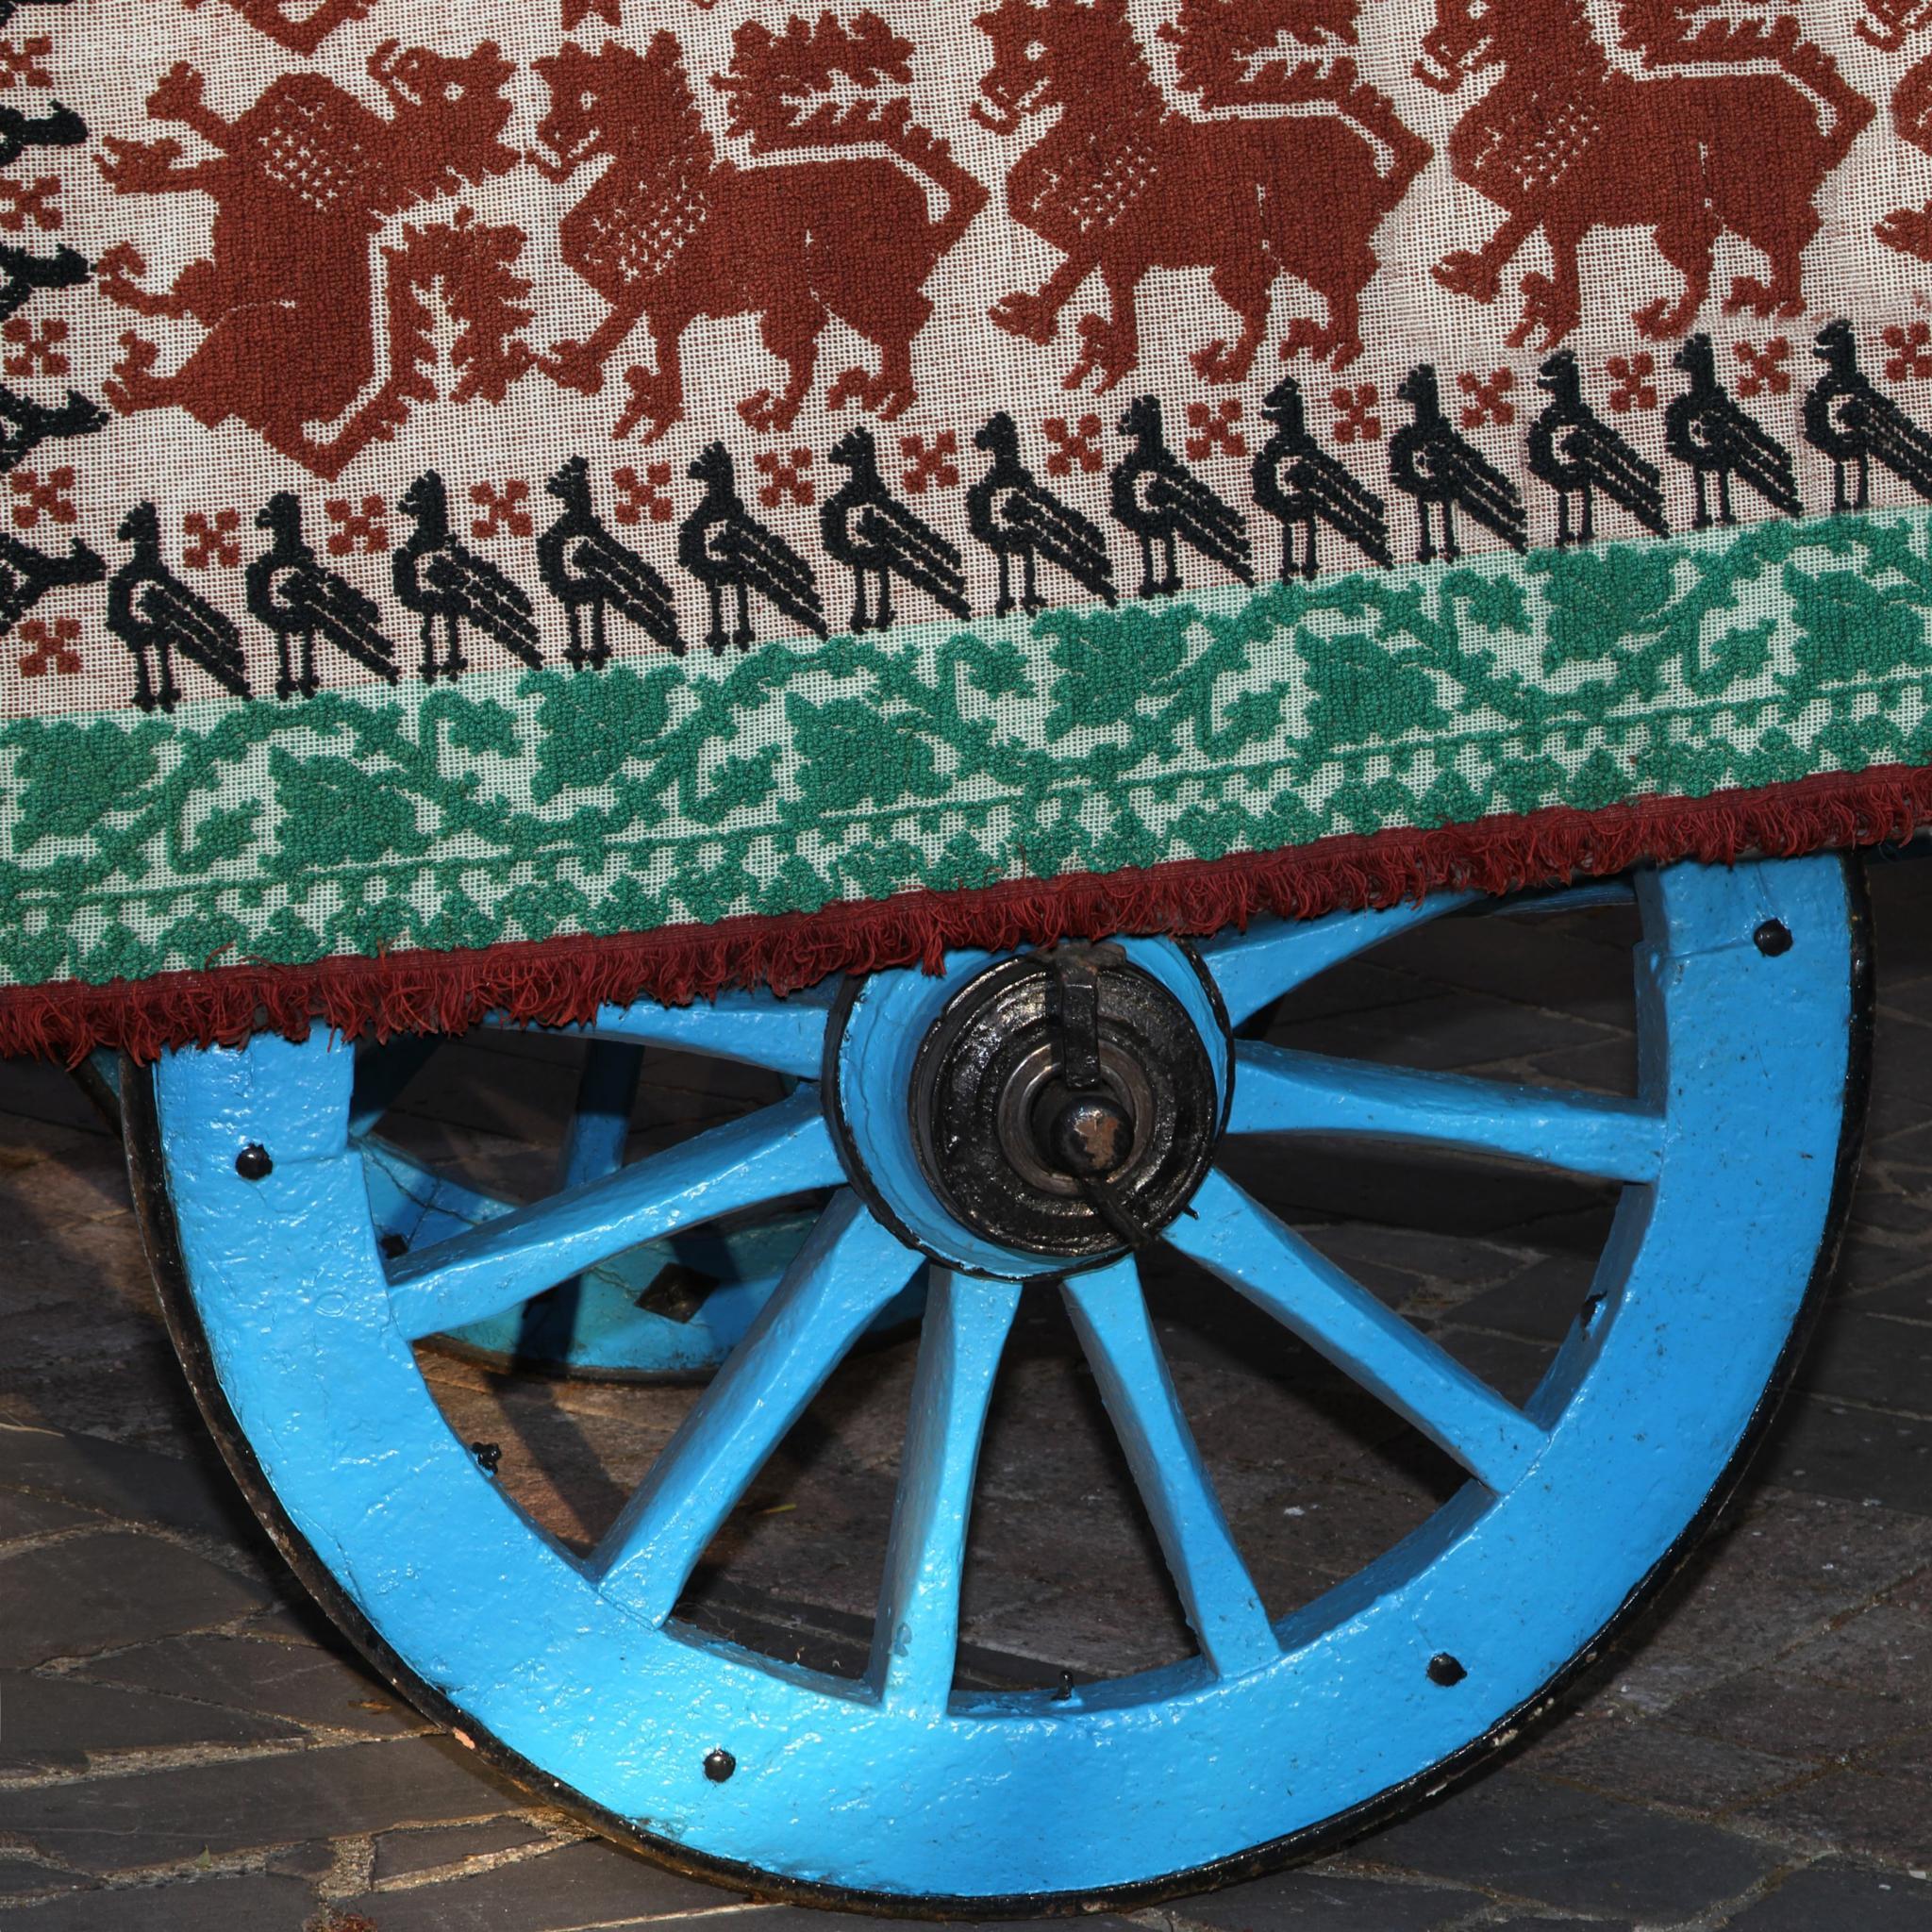 Wagon Wheel by Edos Foto Orroli